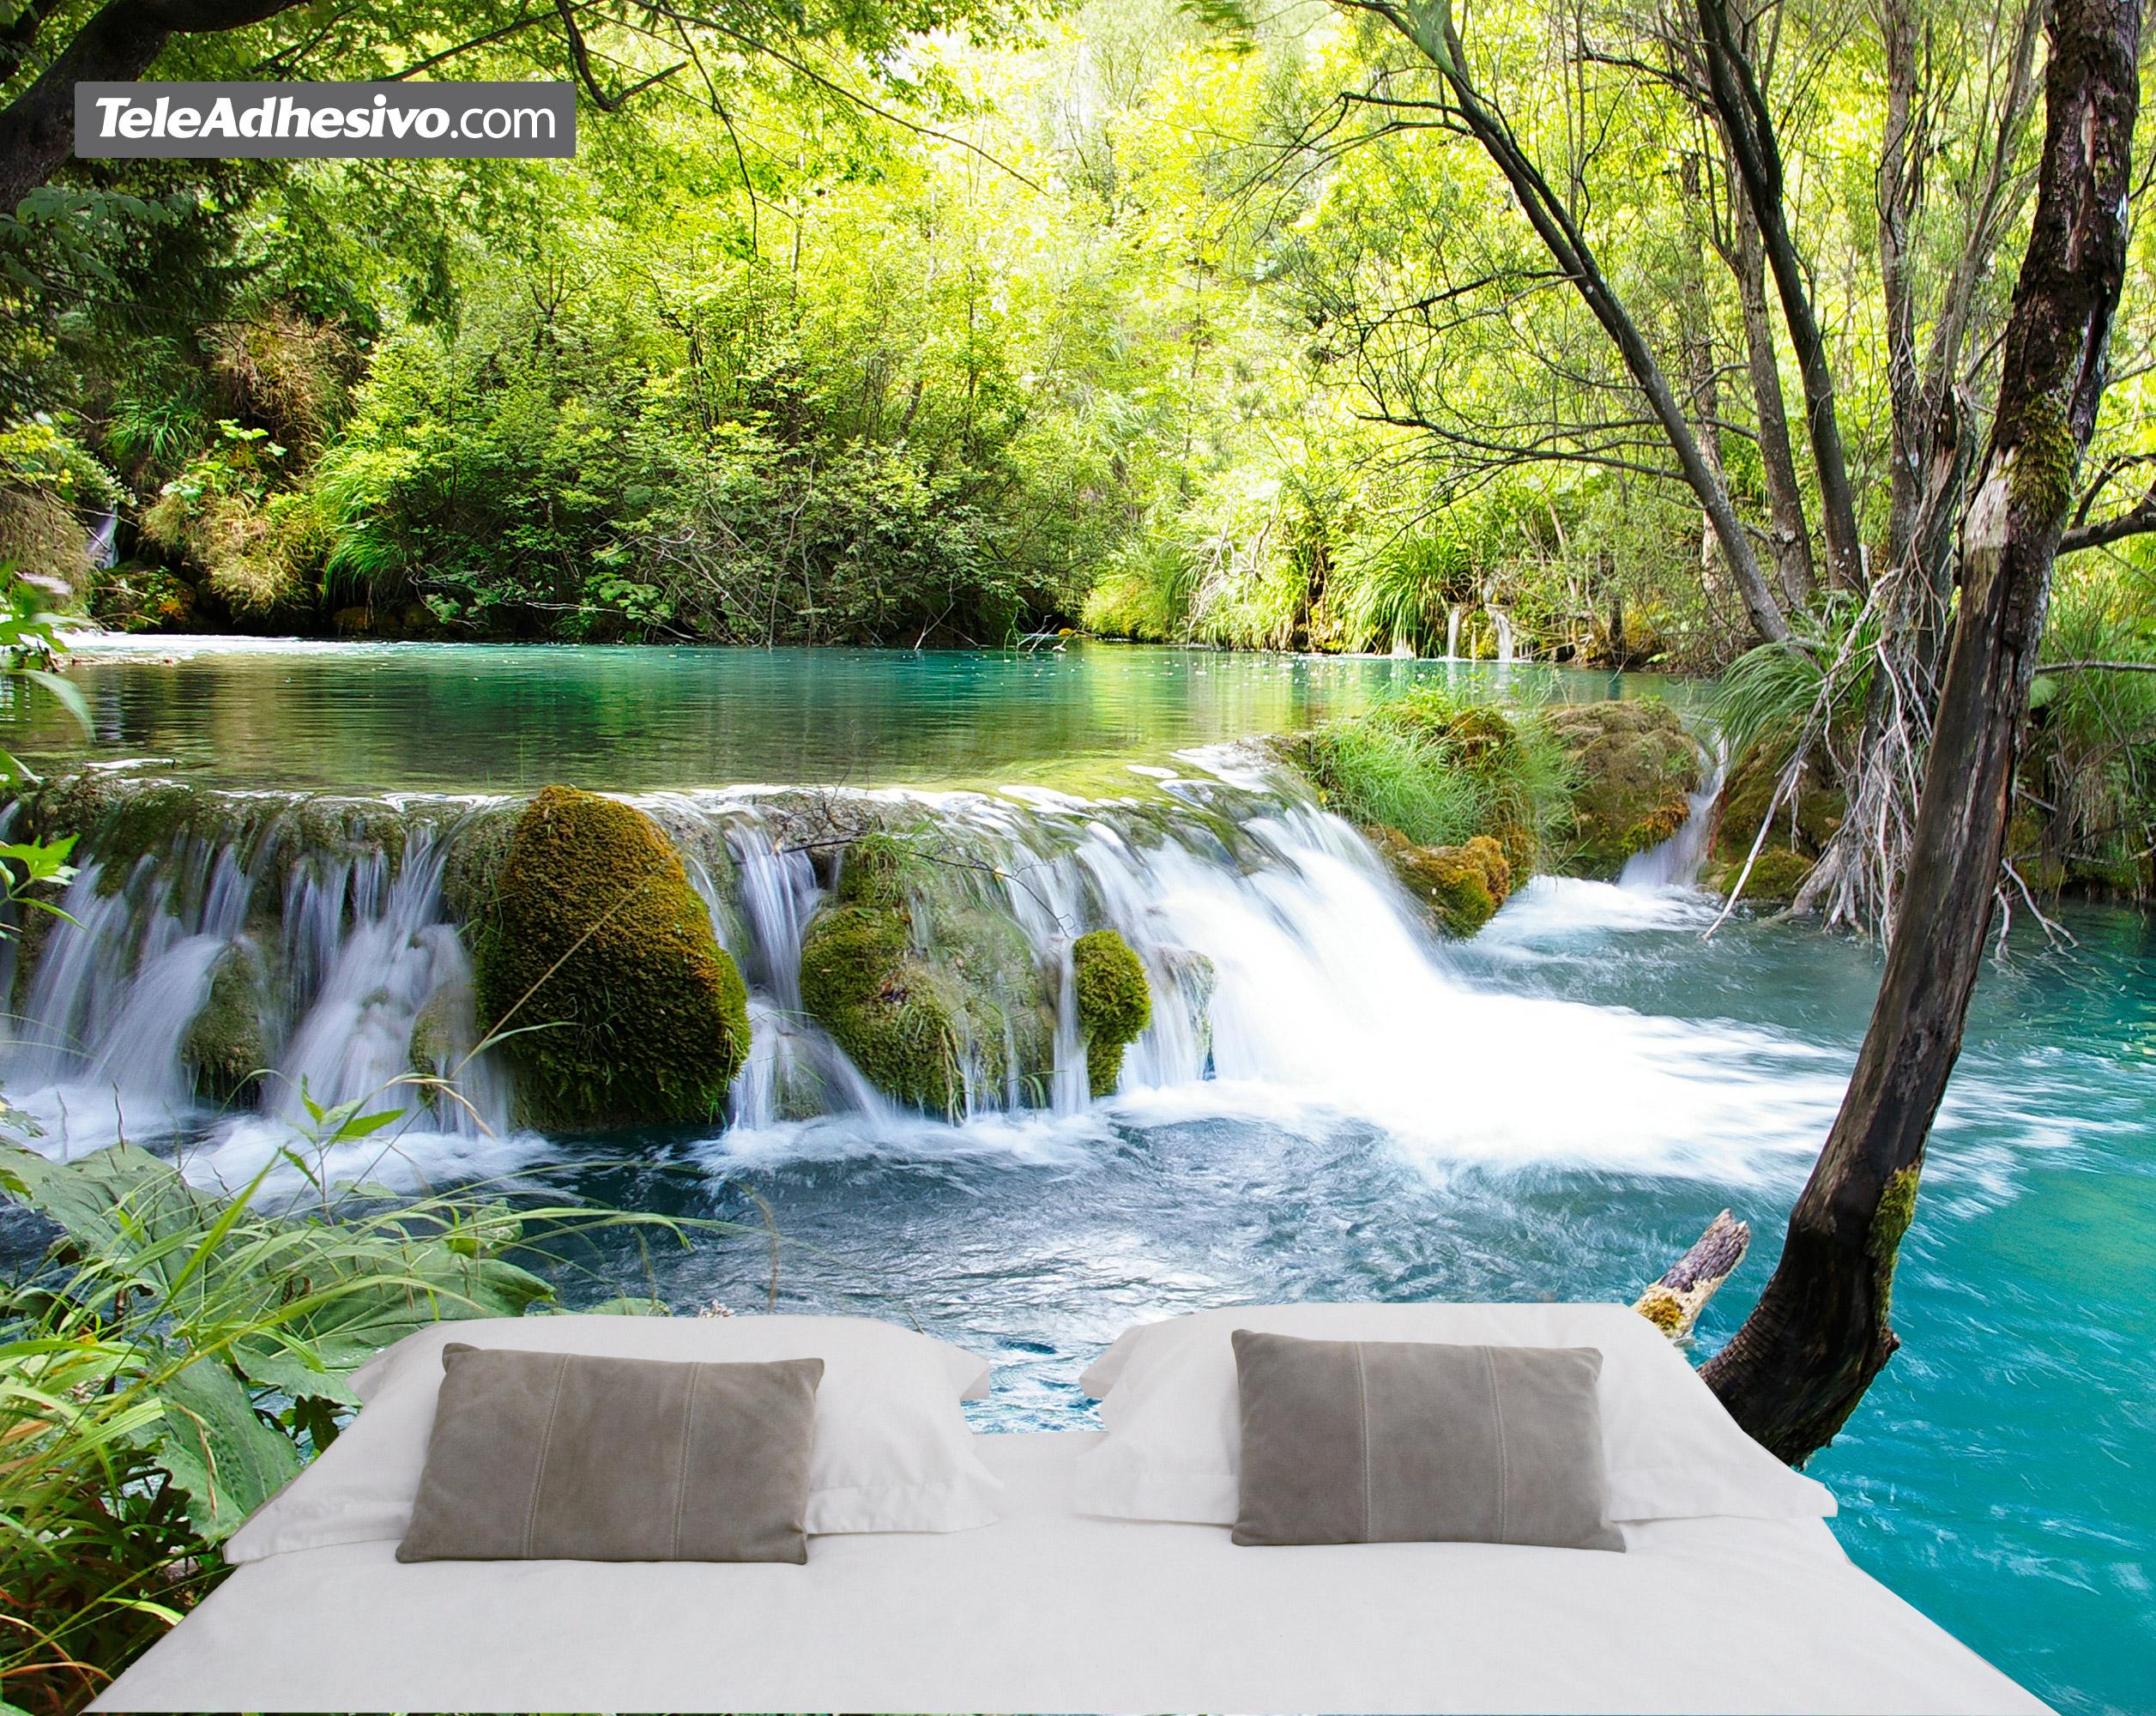 Fototapeten: Vegetation und der Fluss-und Wasserfall